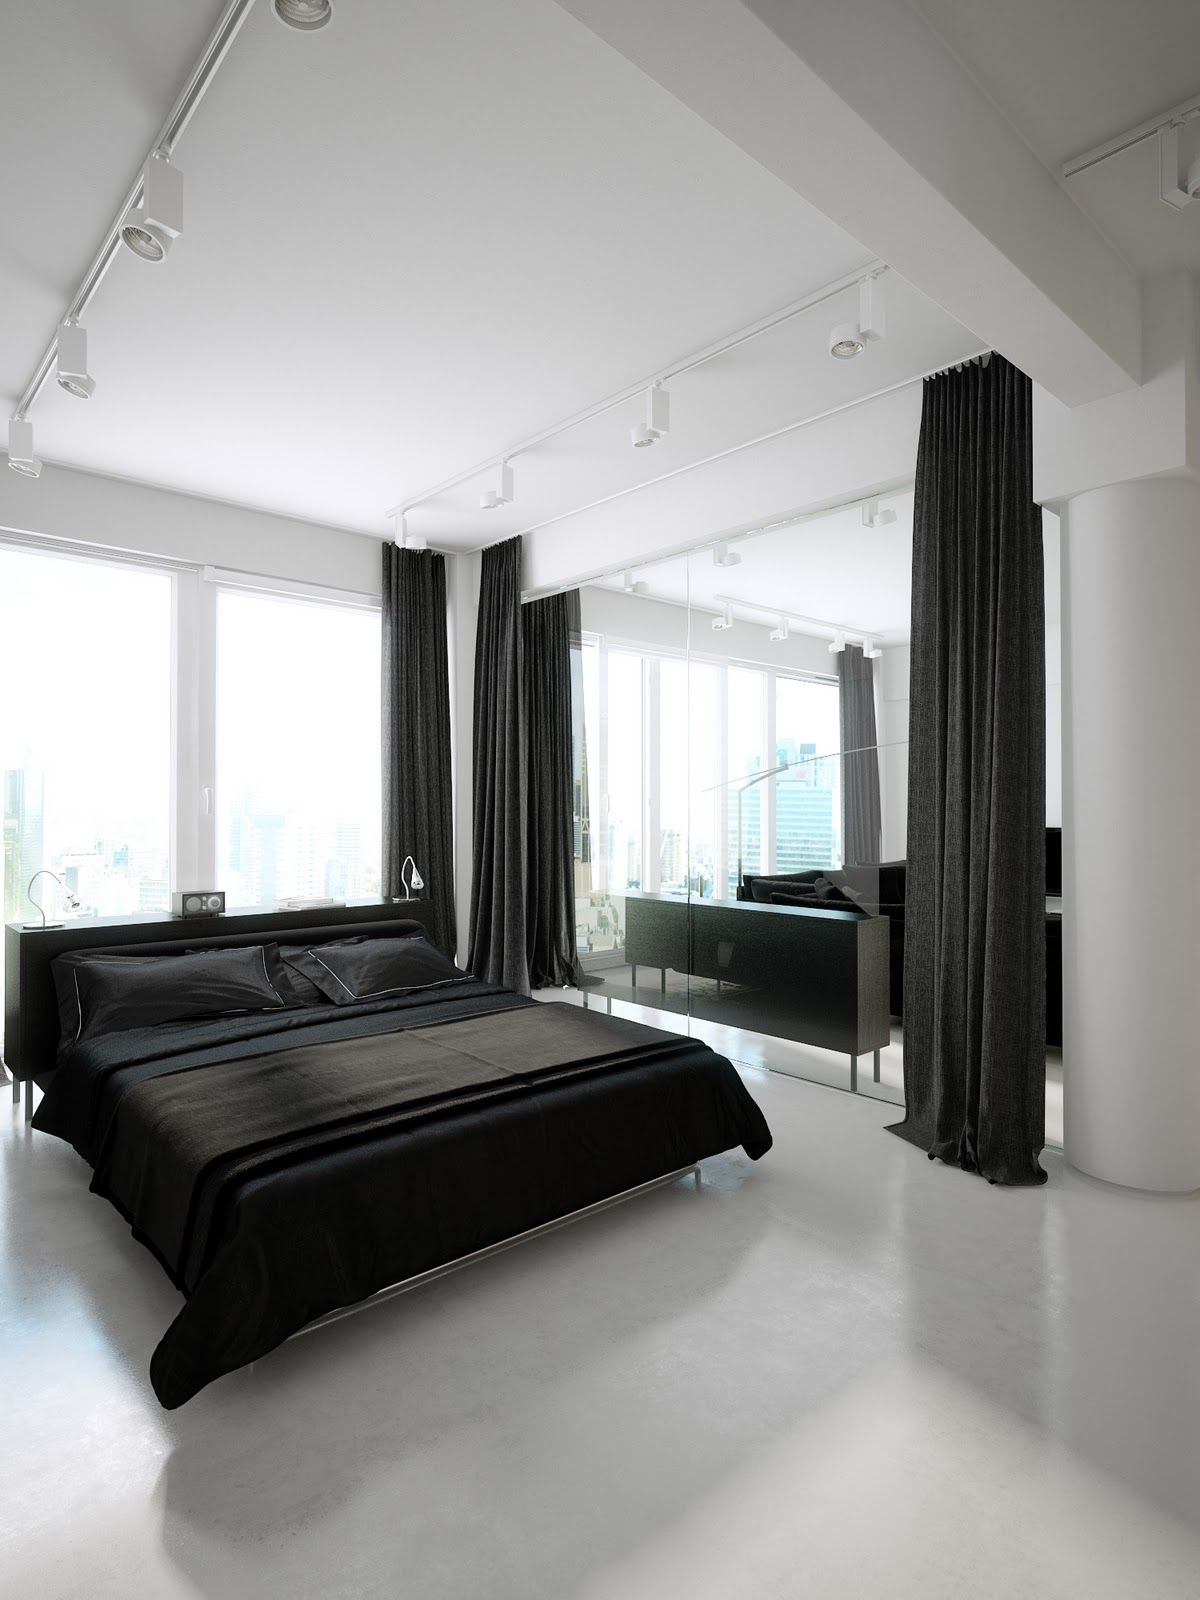 AuBergewohnlich Ideen · SchwarzerSchlafzimmer DesignSchwarz WeißPavillonWeissTraumhaus InnenarchitekturSchlafzimmerdesignSchlafzimmer Ideen